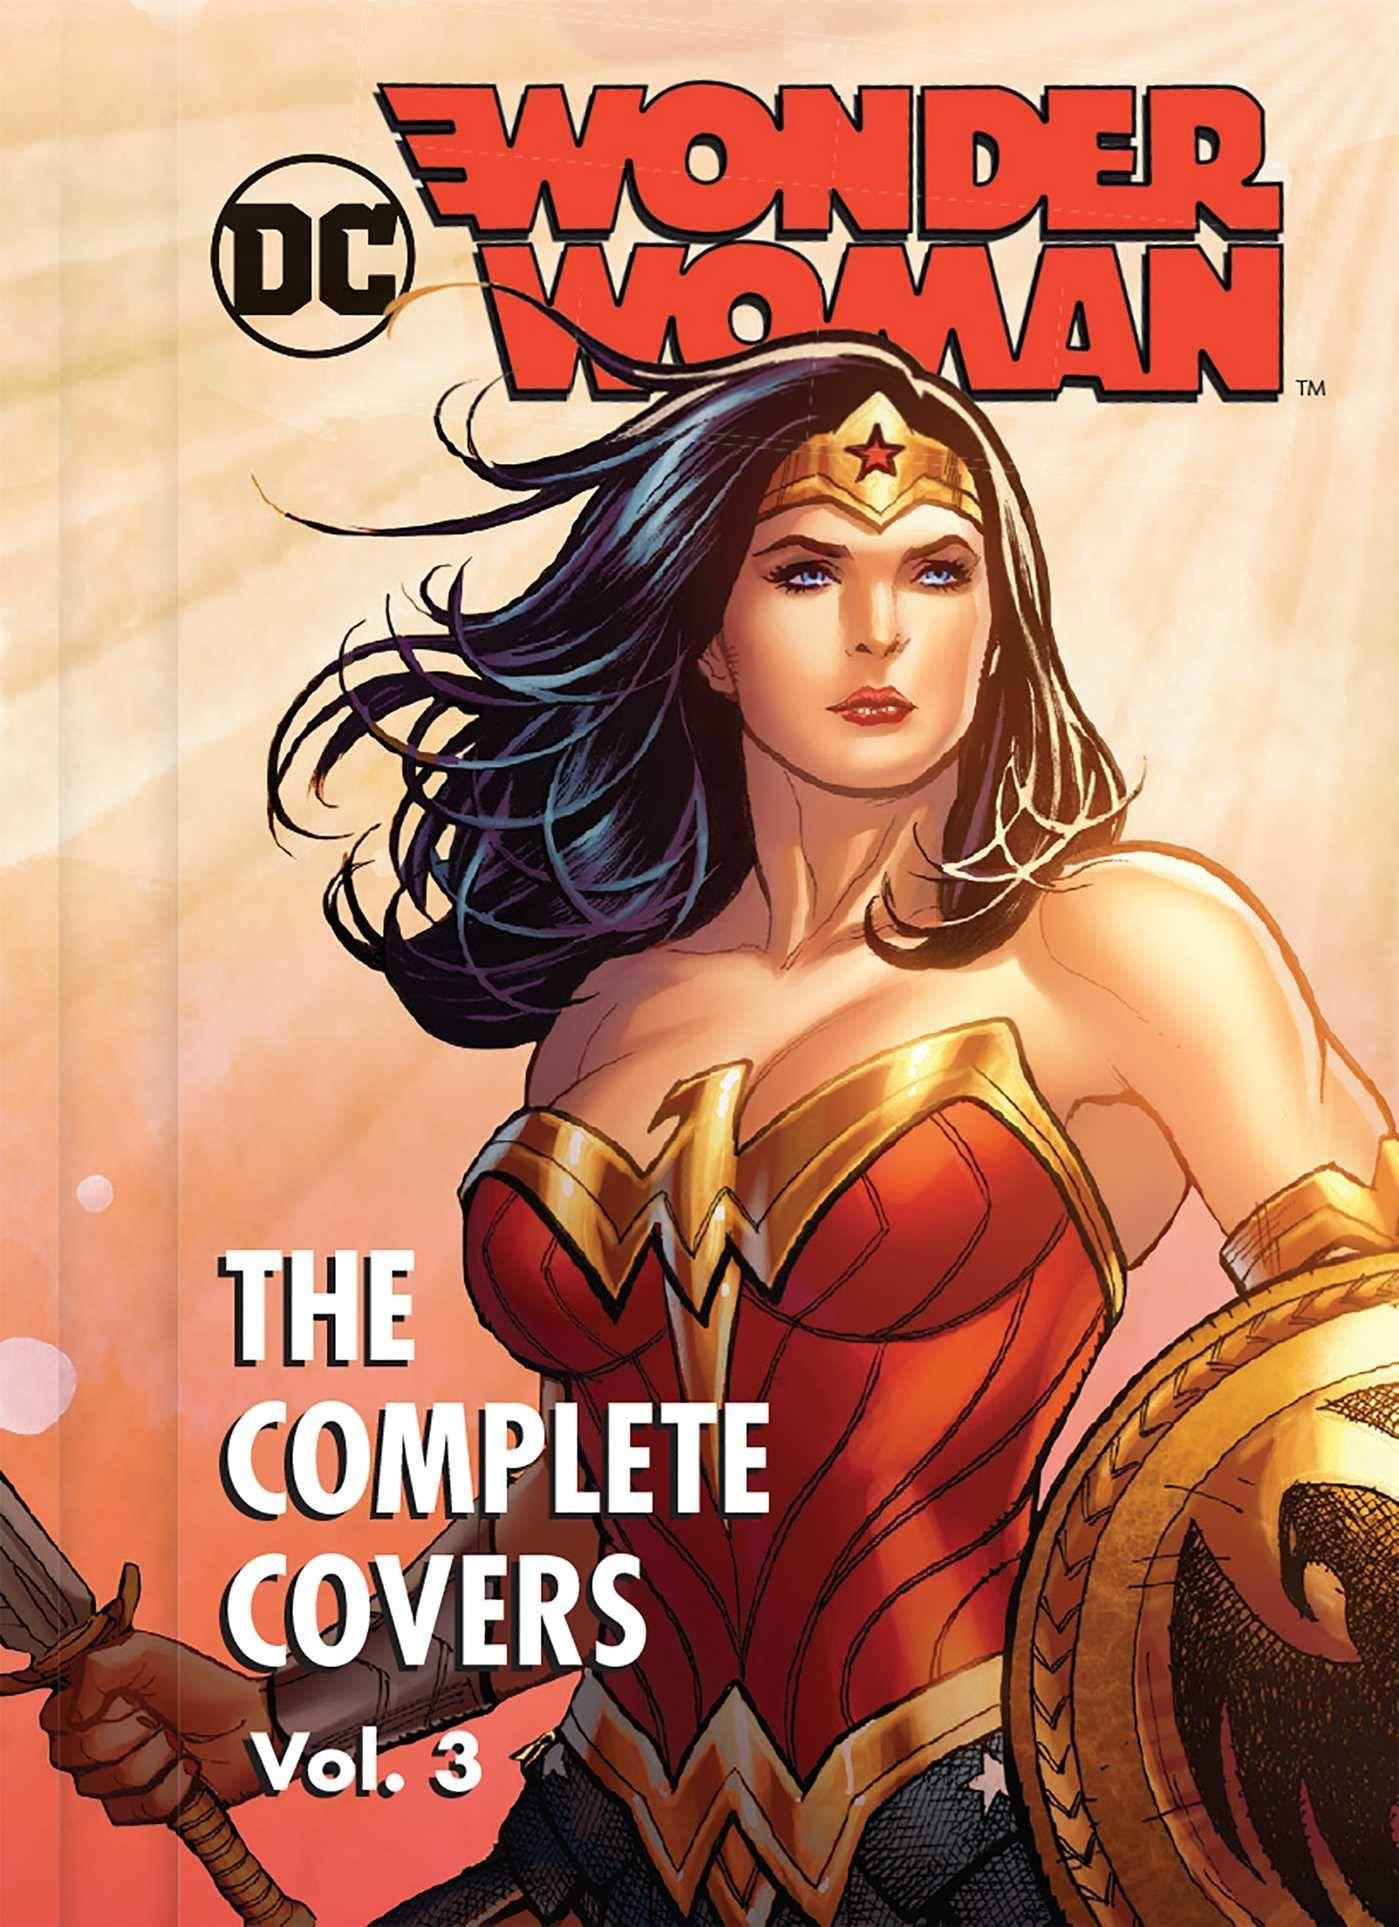 Pin By 528111531054 On Cots Wonder Woman Comic Wonder Woman Dc Comics